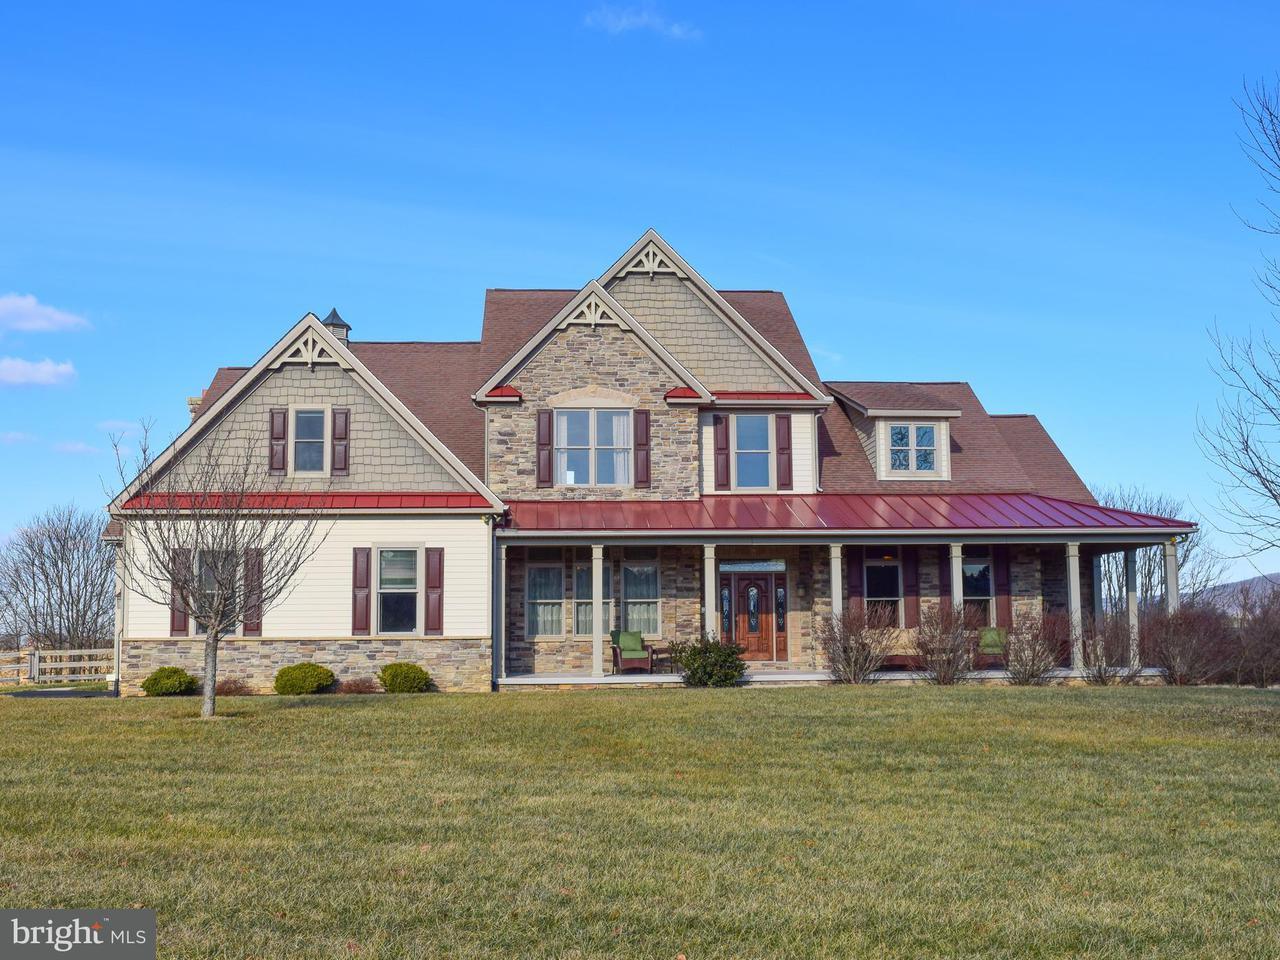 Vivienda unifamiliar por un Venta en 20112 Stone Ct W 20112 Stone Ct W Keedysville, Maryland 21756 Estados Unidos